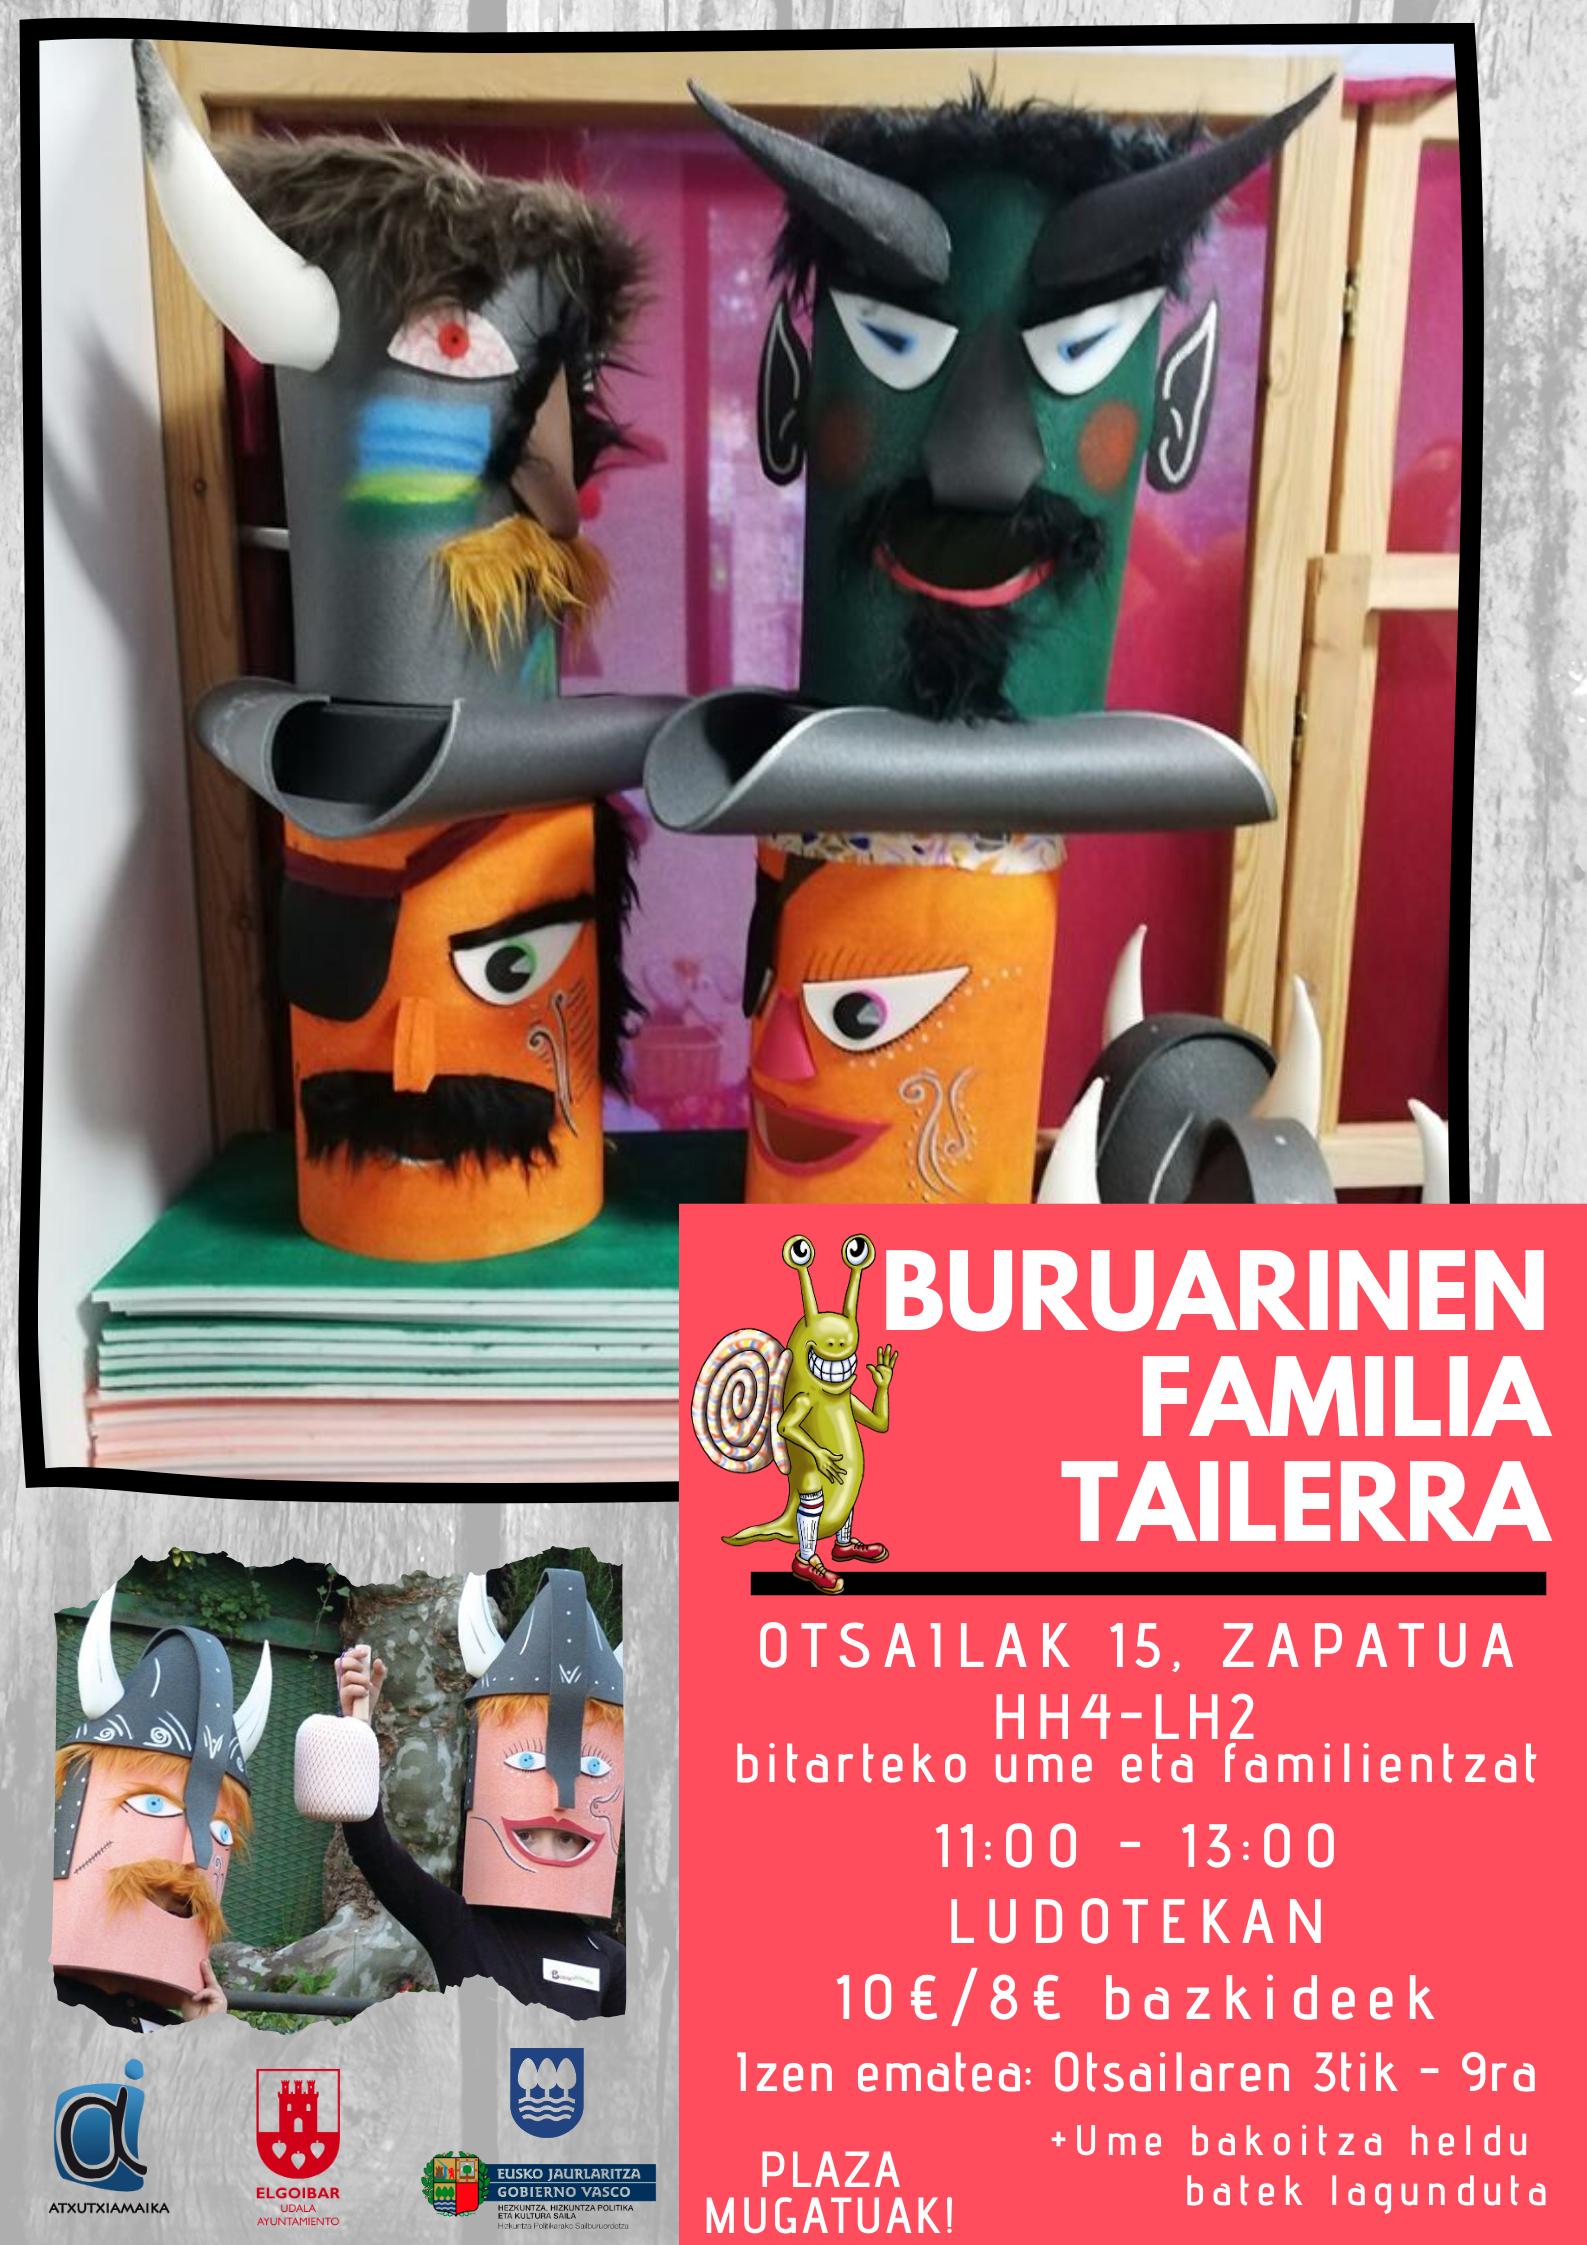 BURUARINEN FAMILIA TAILERRA